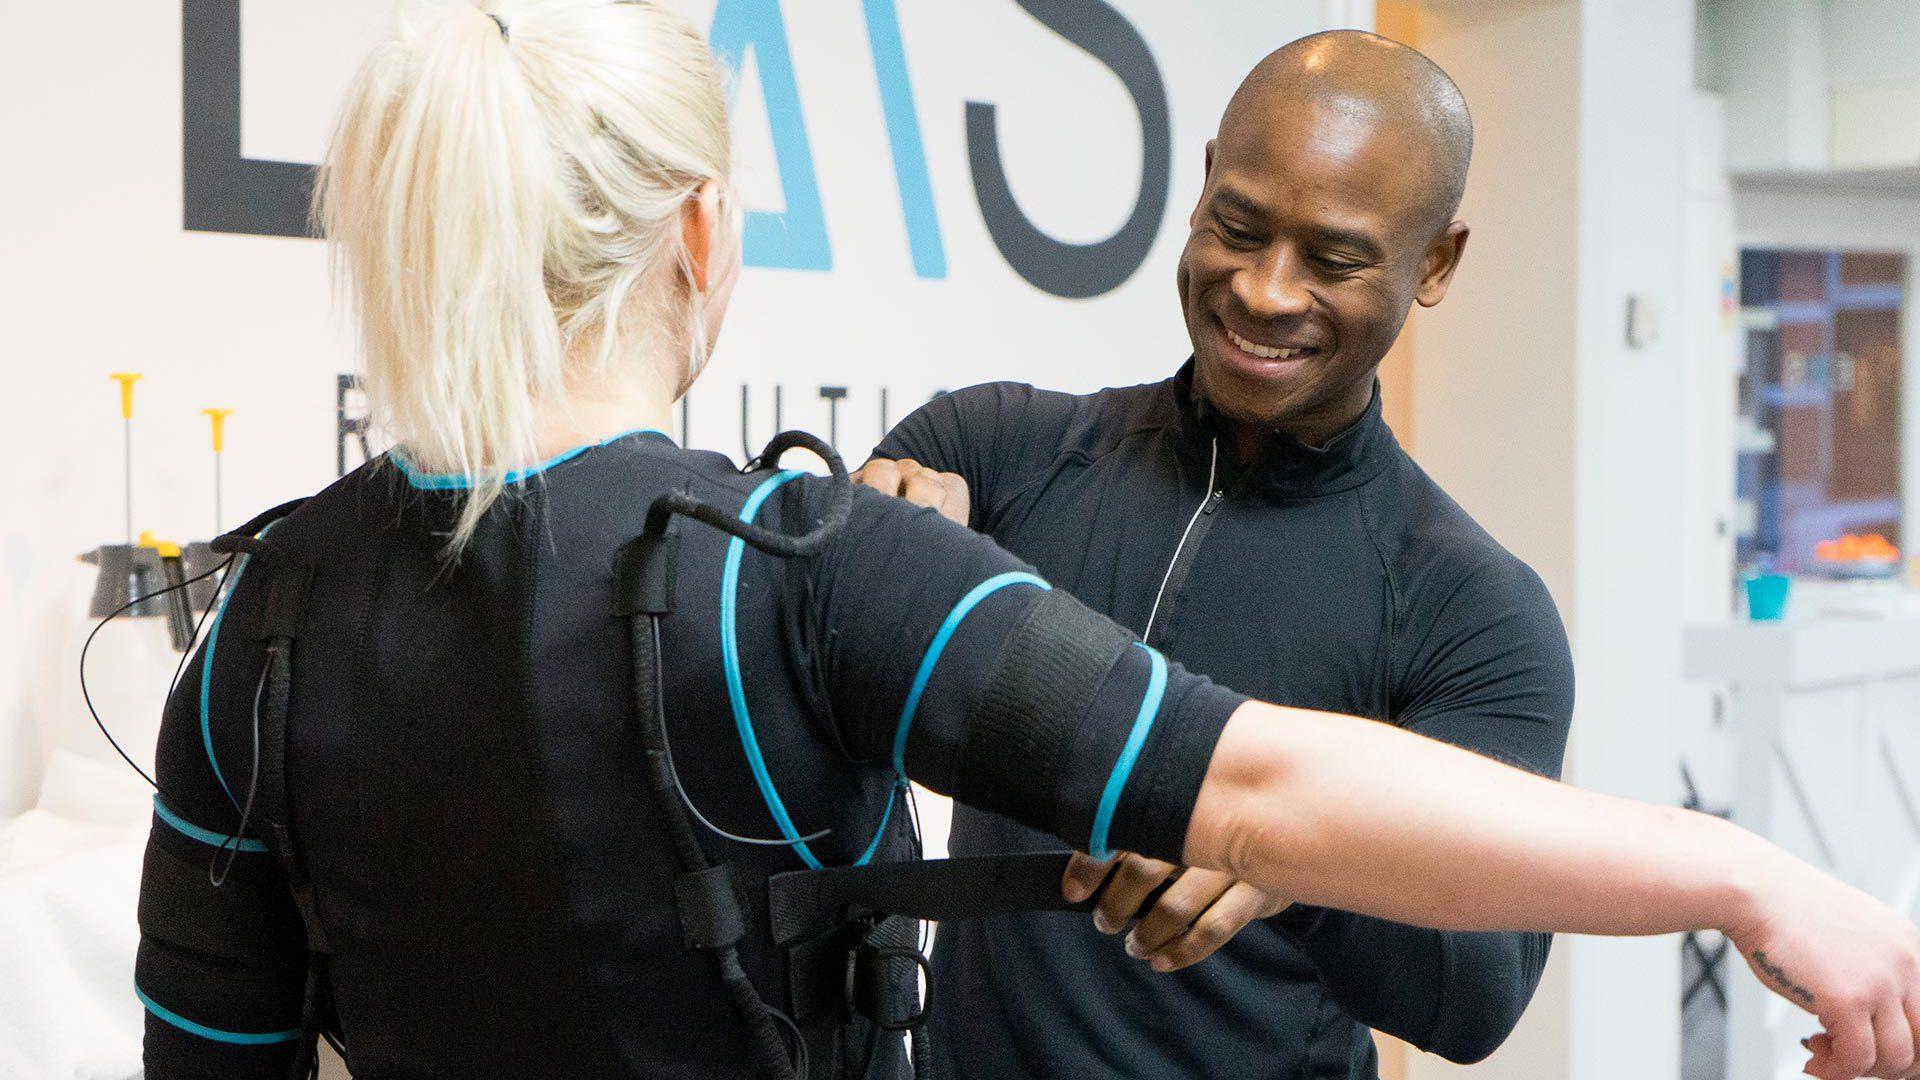 Vrouw die een EMS Pak aan heeft, de personal trainer zorgt ervoor dat het pak op maat wordt ingesteld.